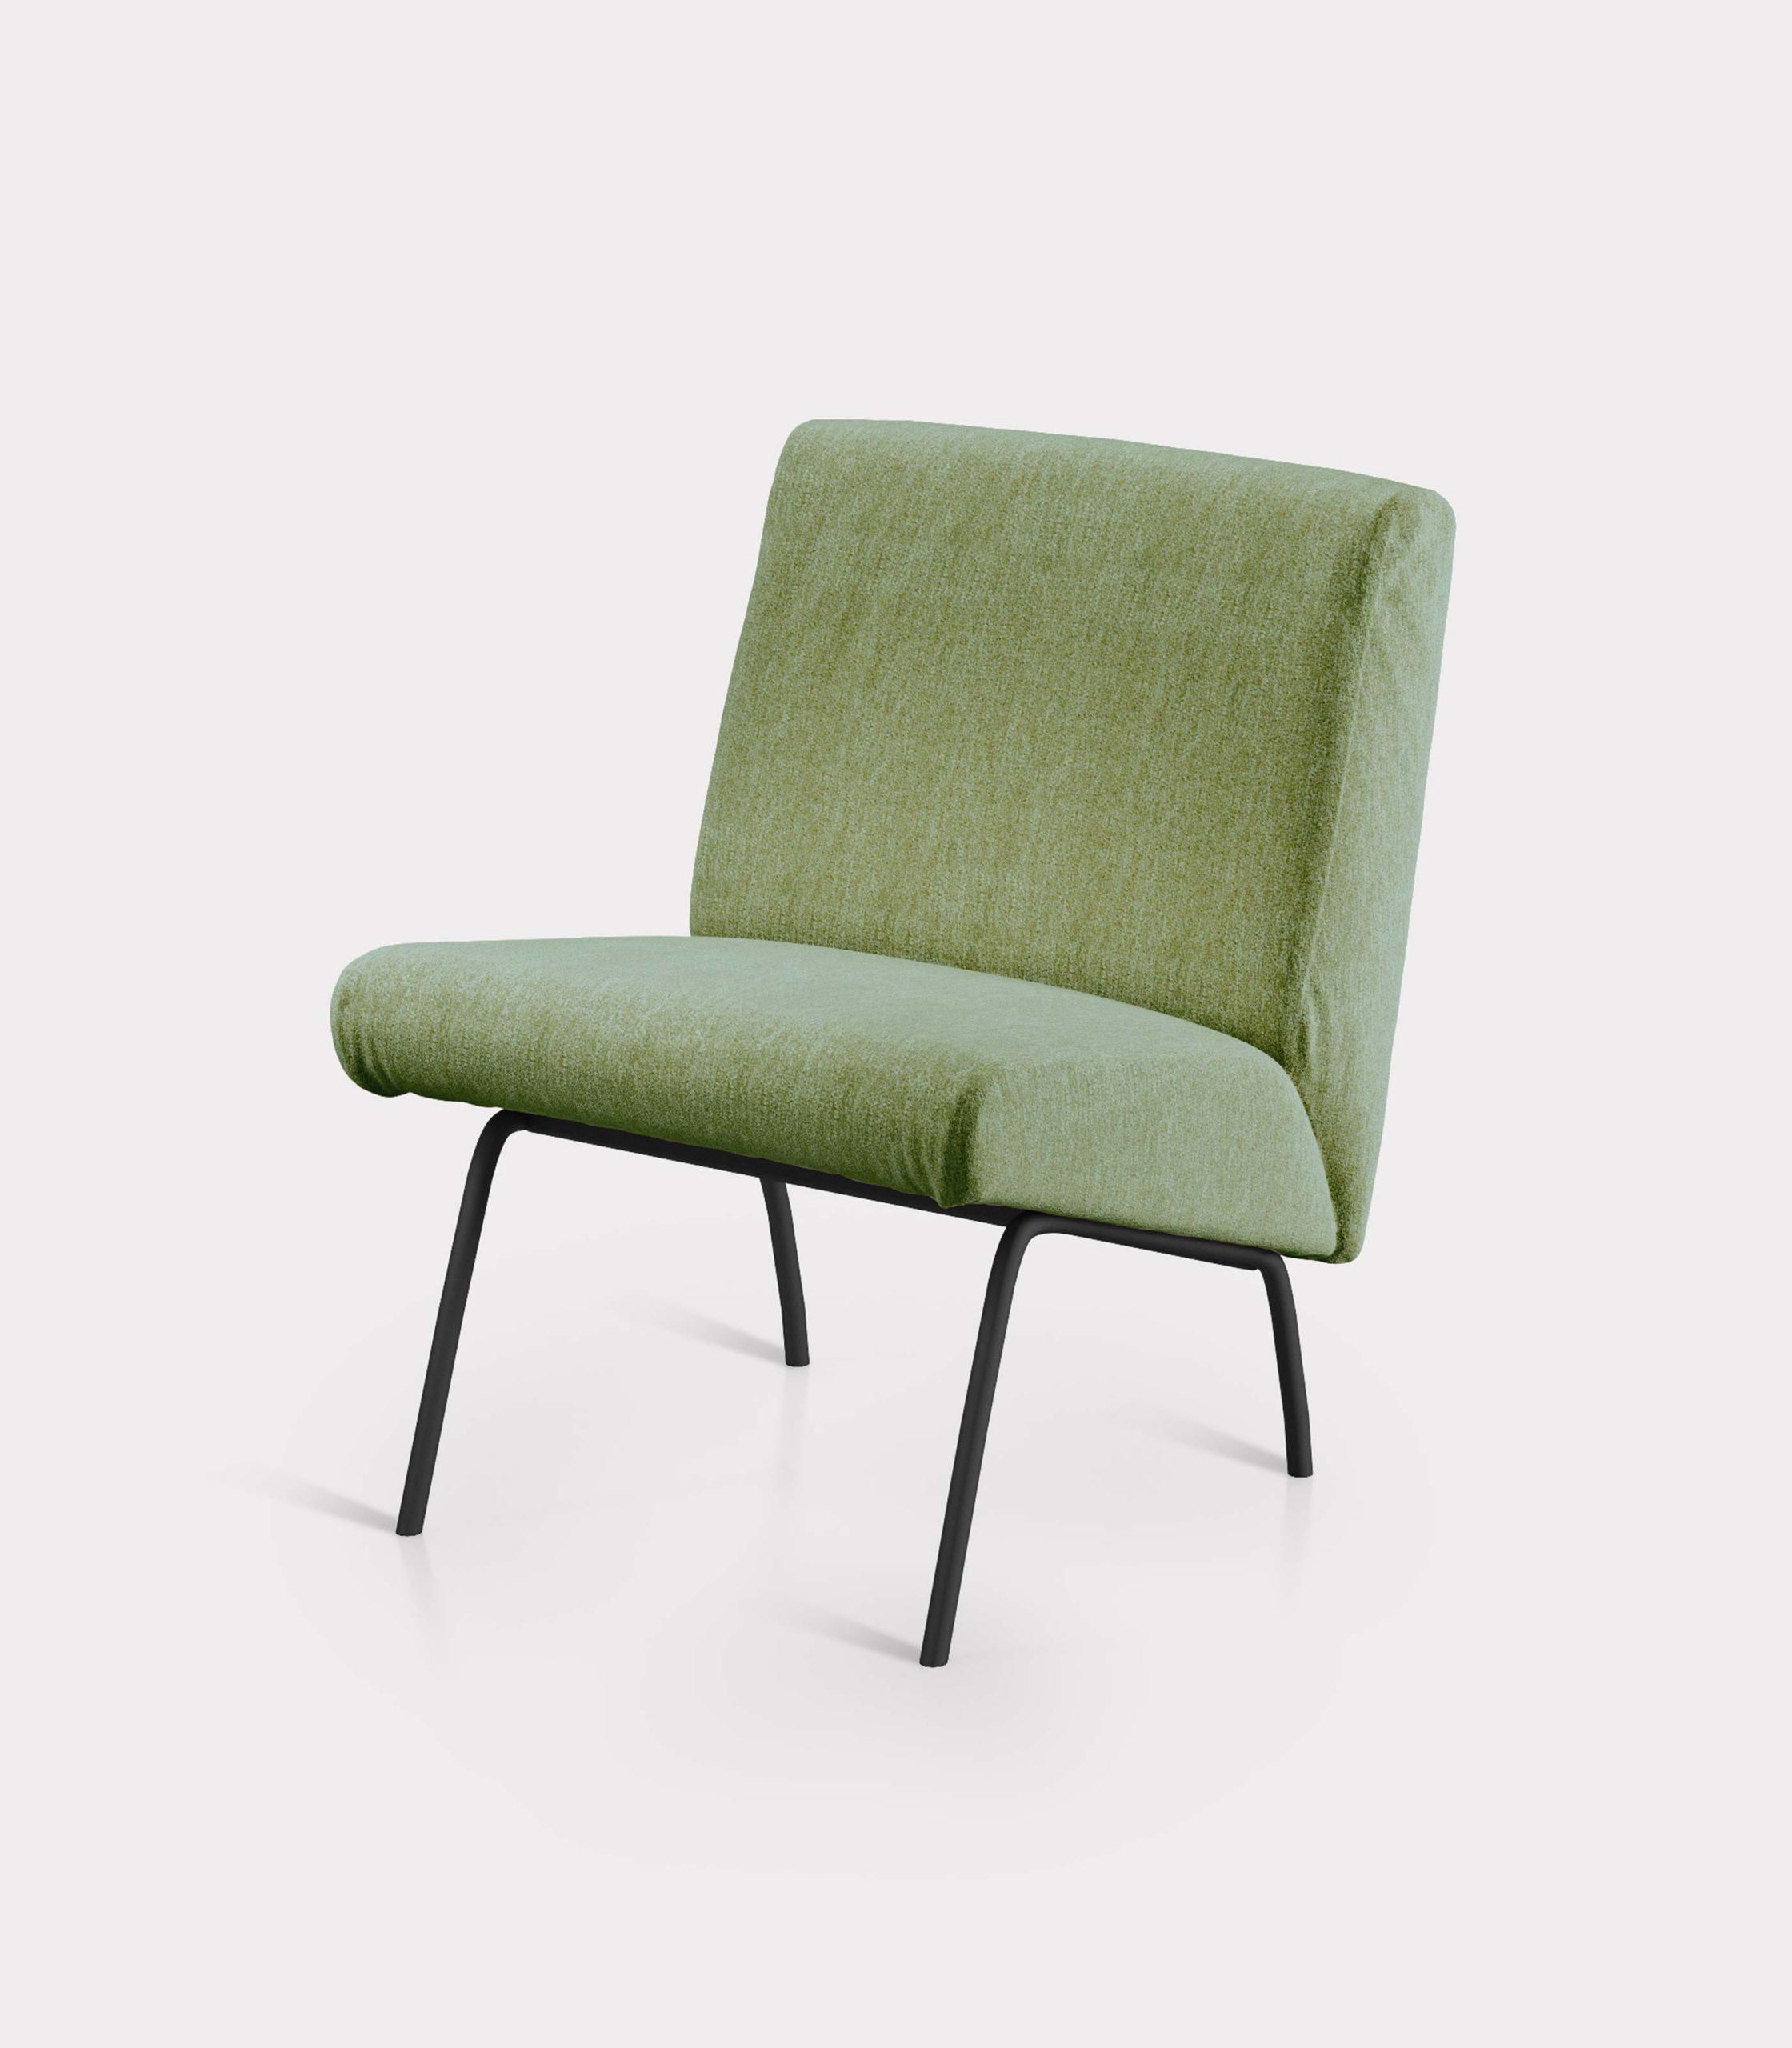 poltrona solid verde oliva milano design FD